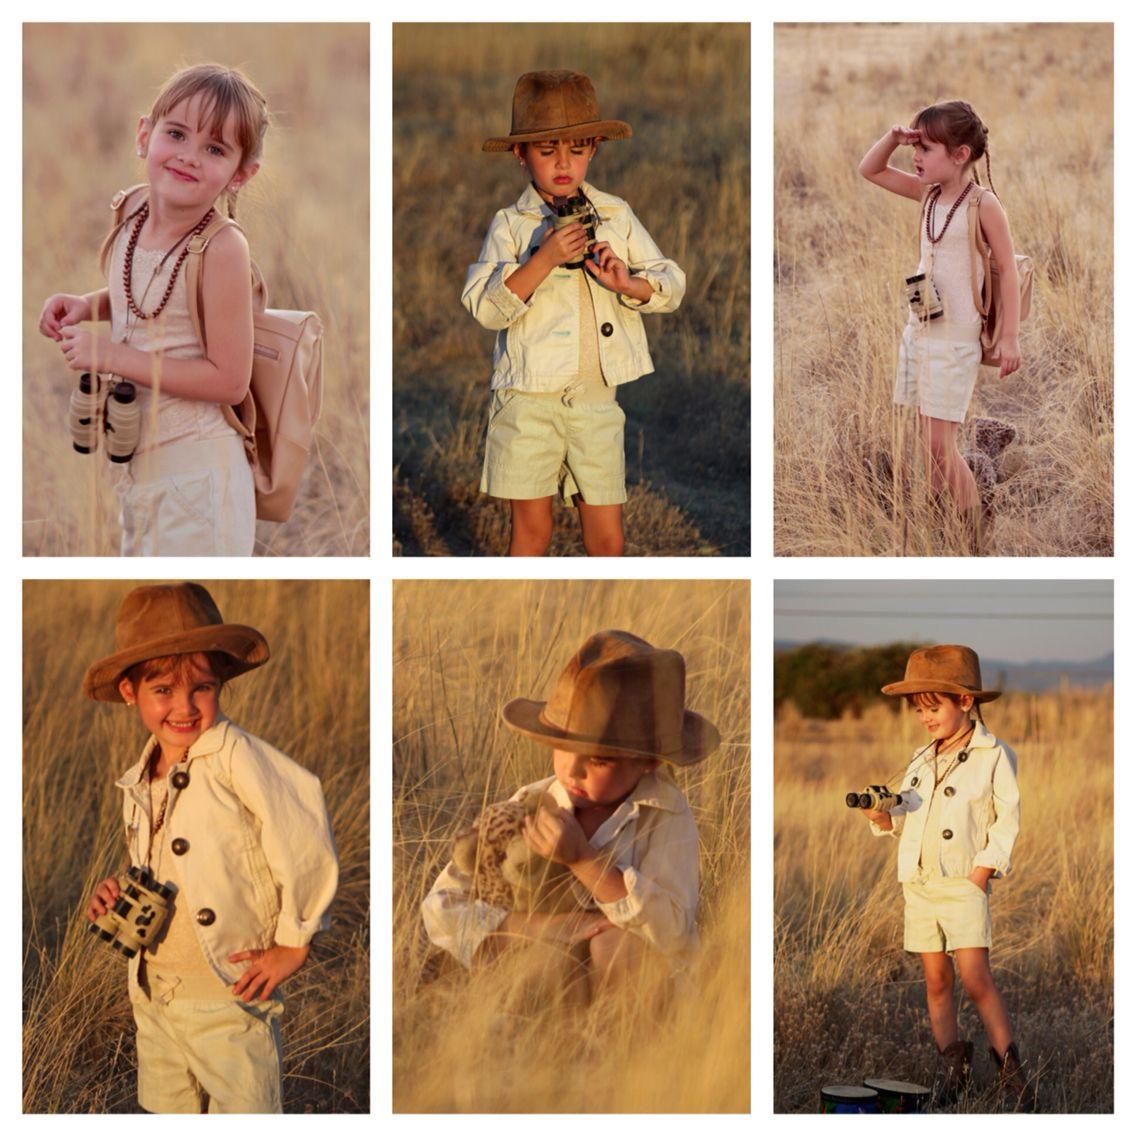 Safari photoshoot for little girl child photoshoot ideas